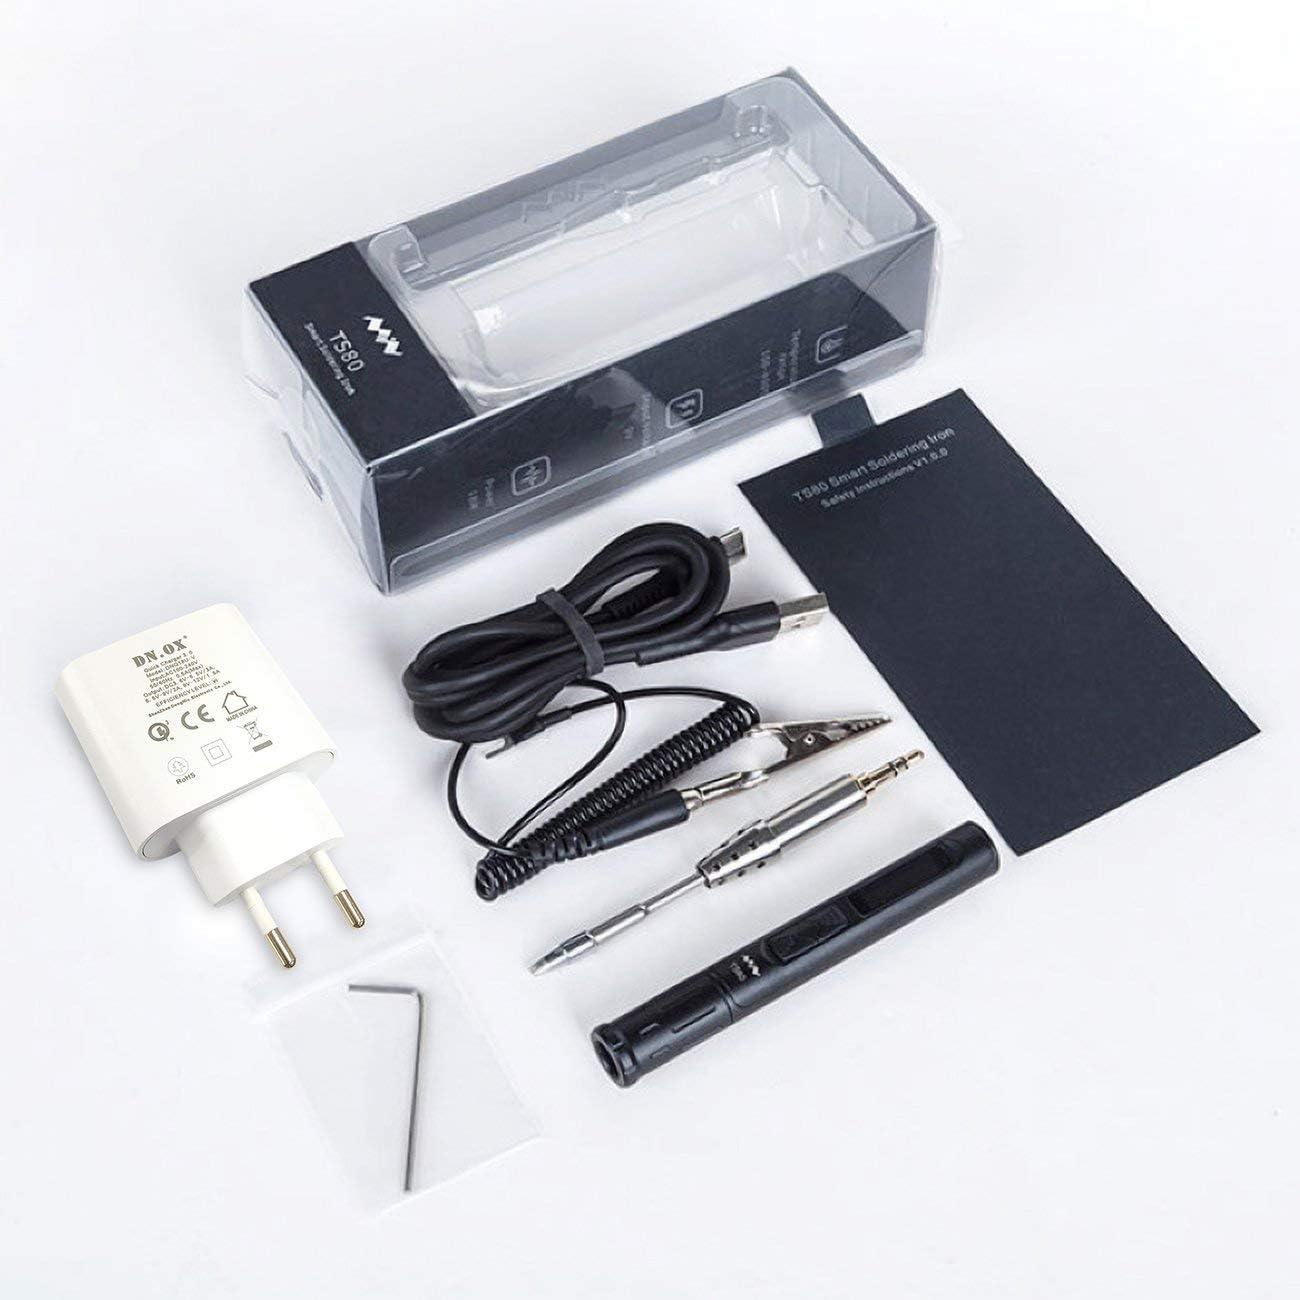 JIUY TS80 Mini Portátil Digital Soldador eléctrico Temperatura Ajustable Tipo C TS-B02 D25 Punta de Soldadura QC3.0 Kit de Cargador rápido (Negro y UE)